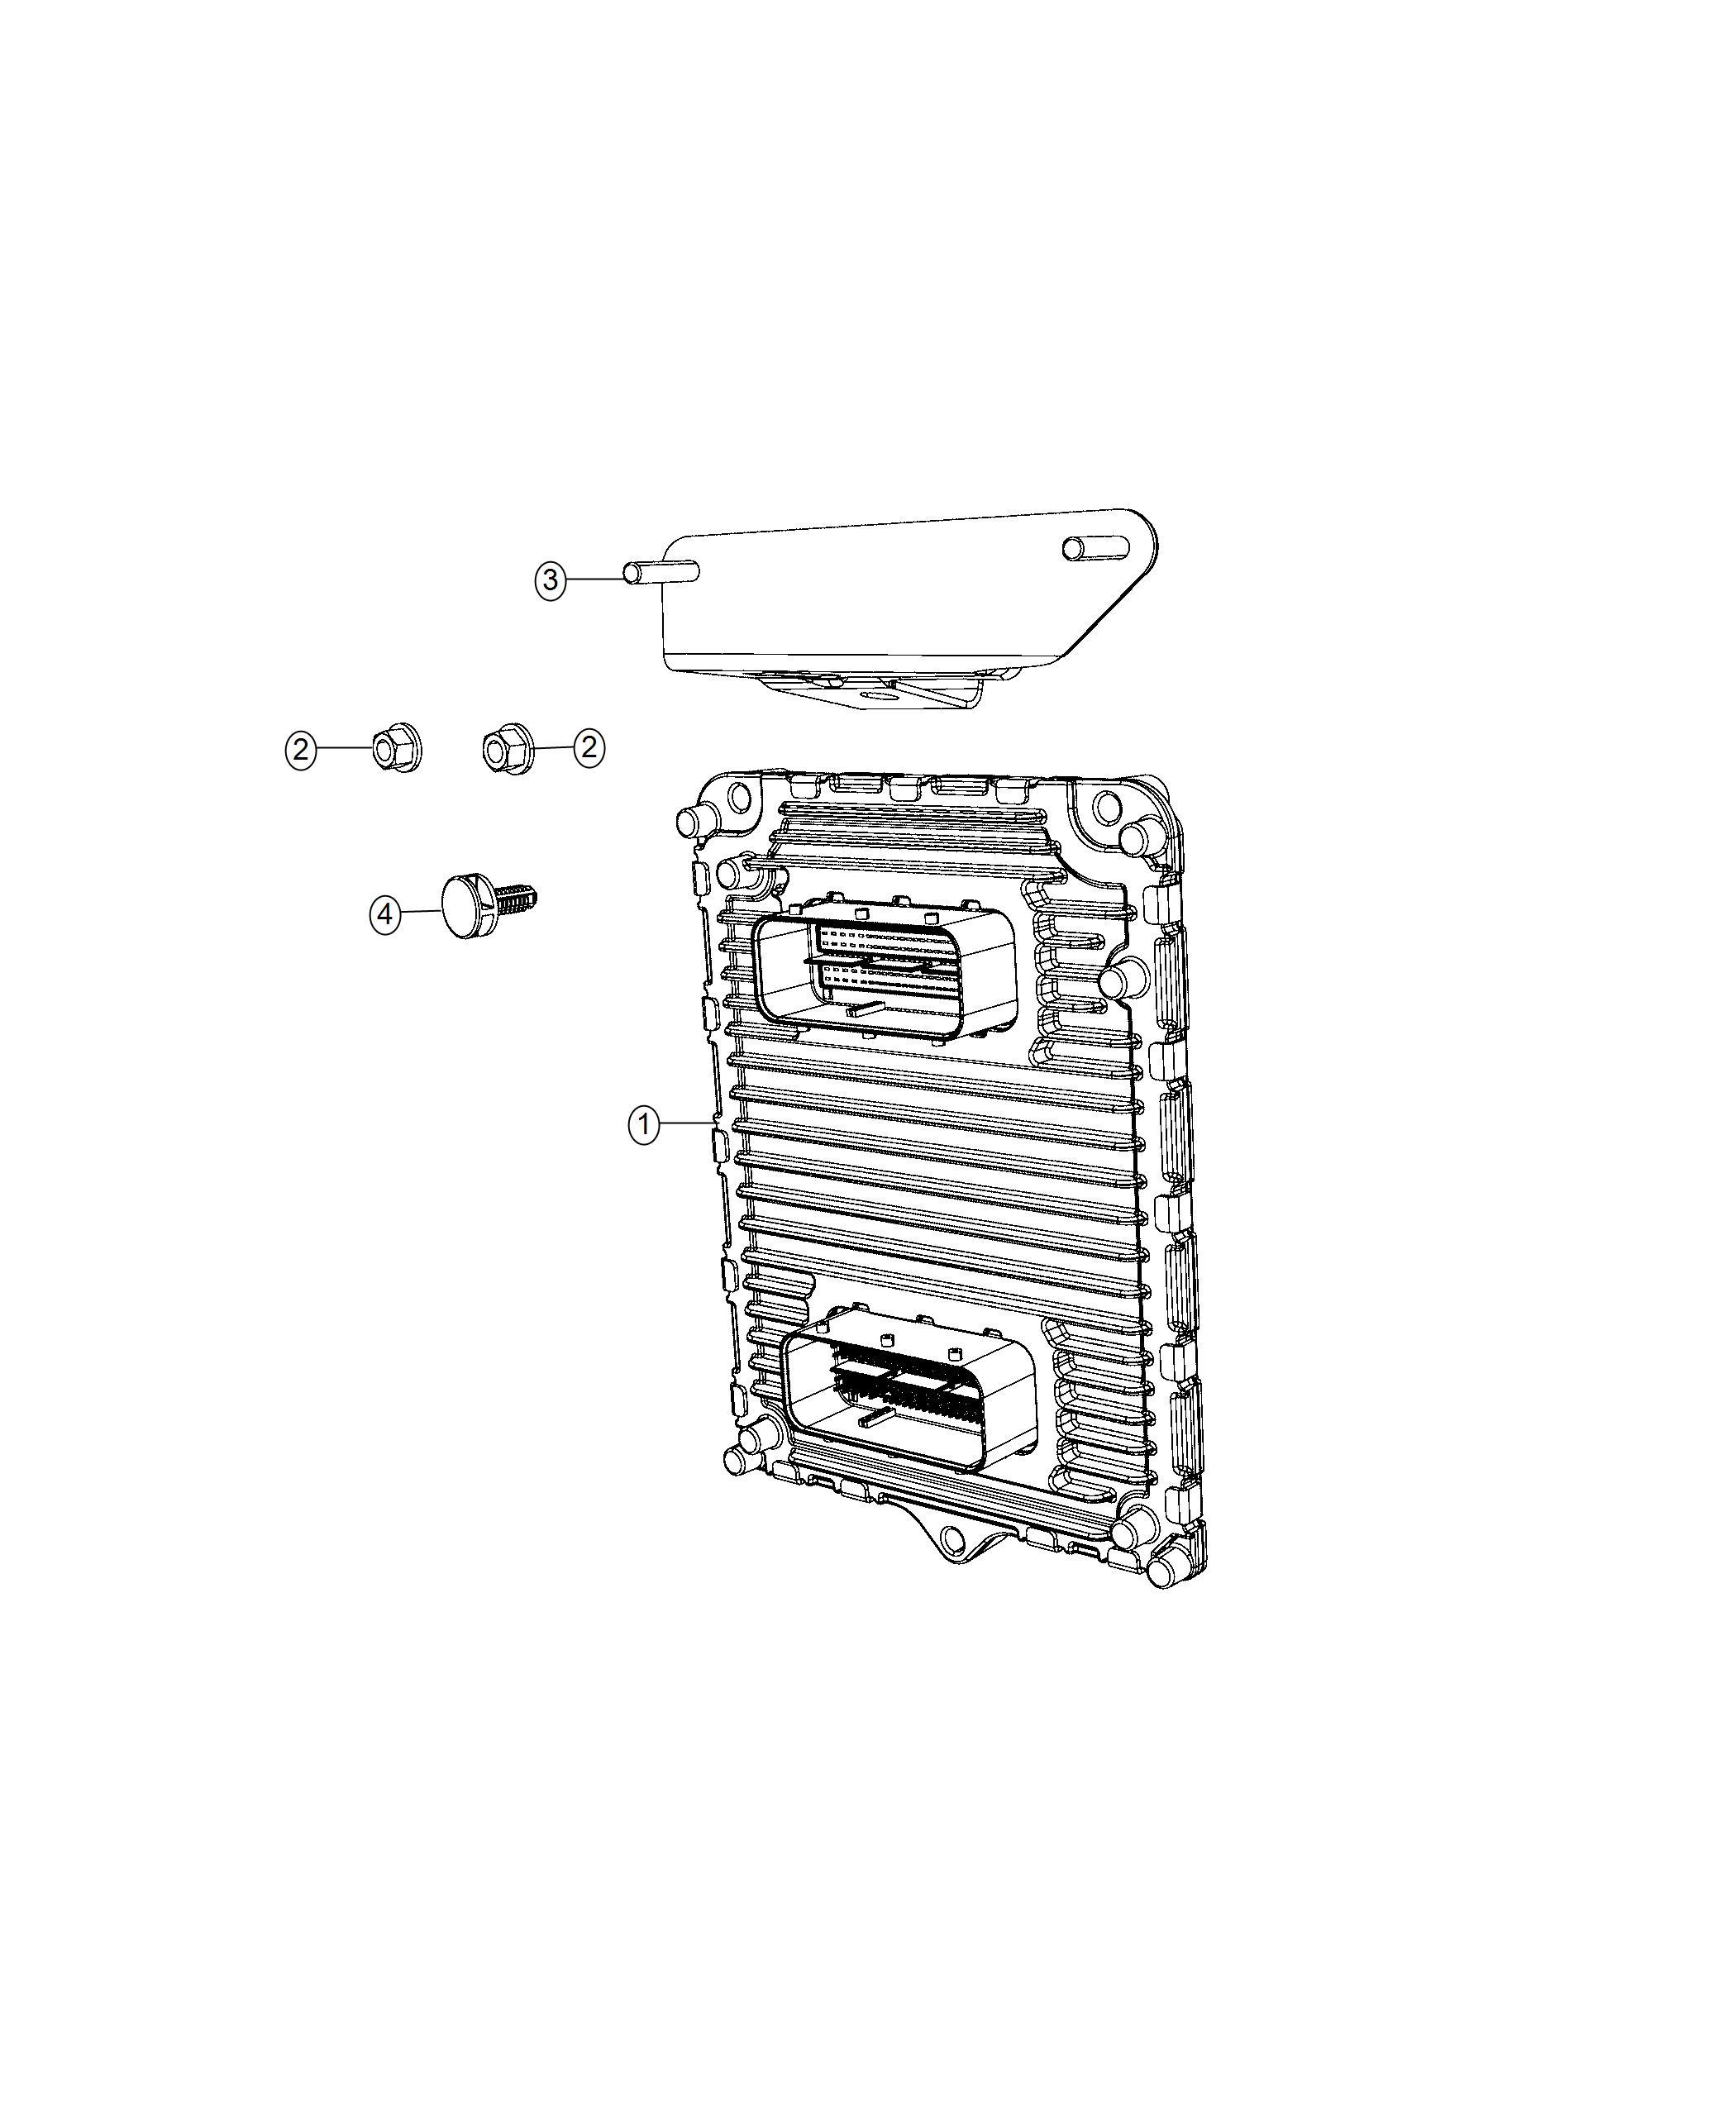 Dodge Challenger Plug. Noise. [3.6l v6 24v vvt engine], [5